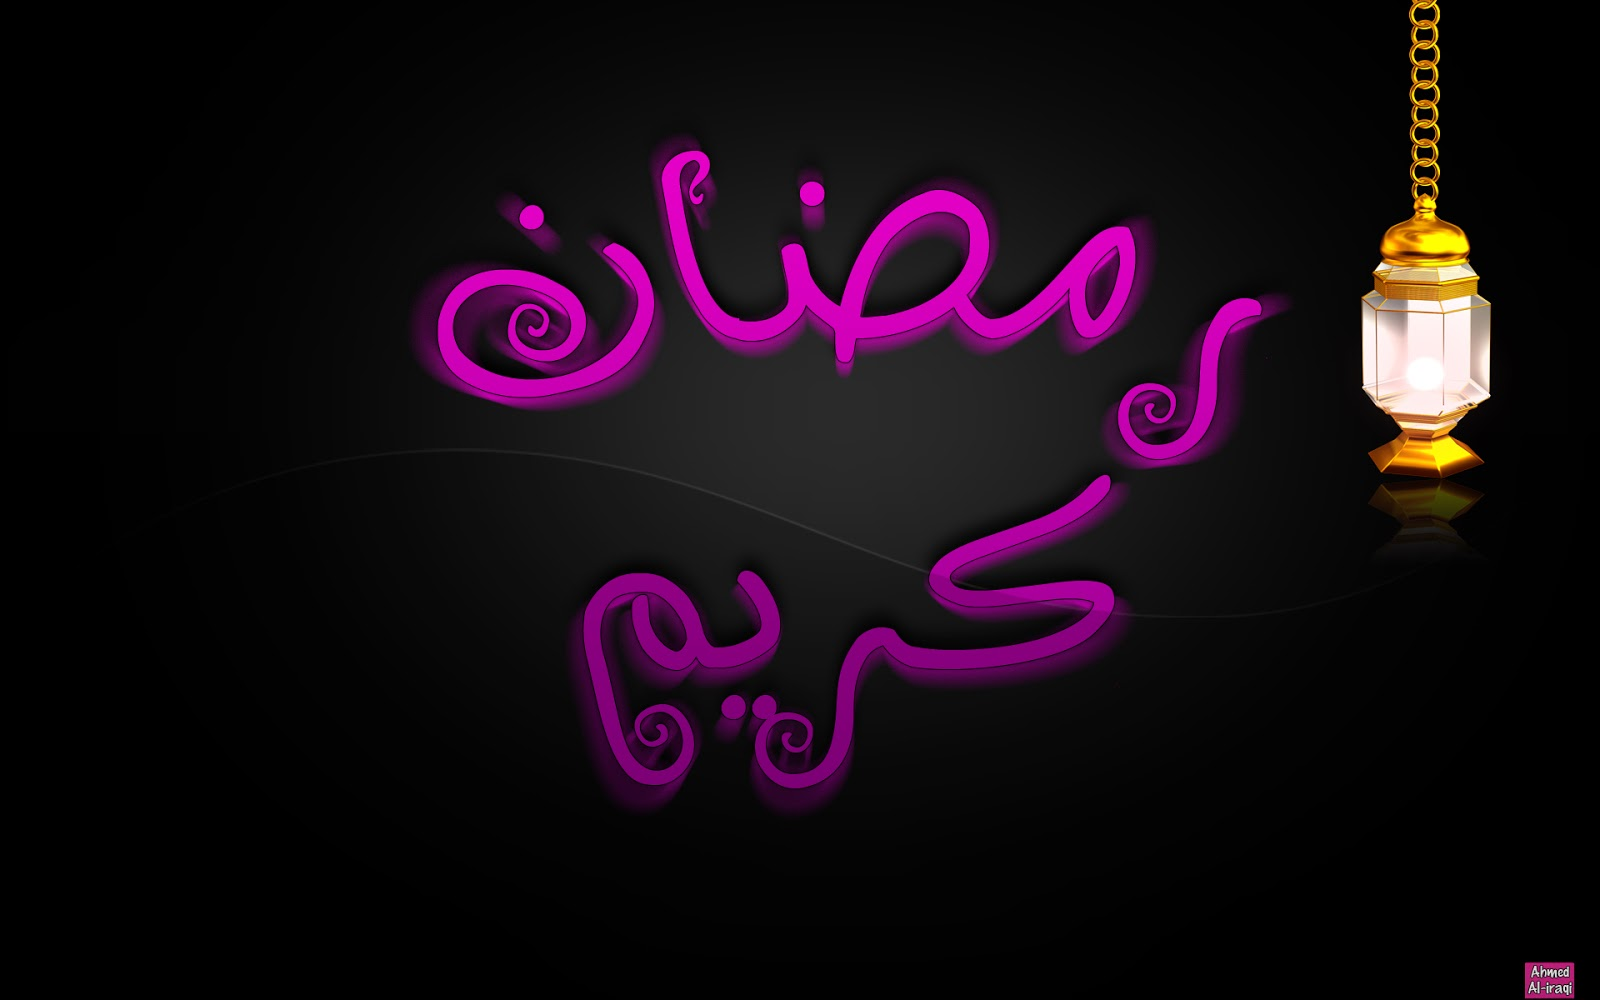 رسائل رمضان 2014/2013